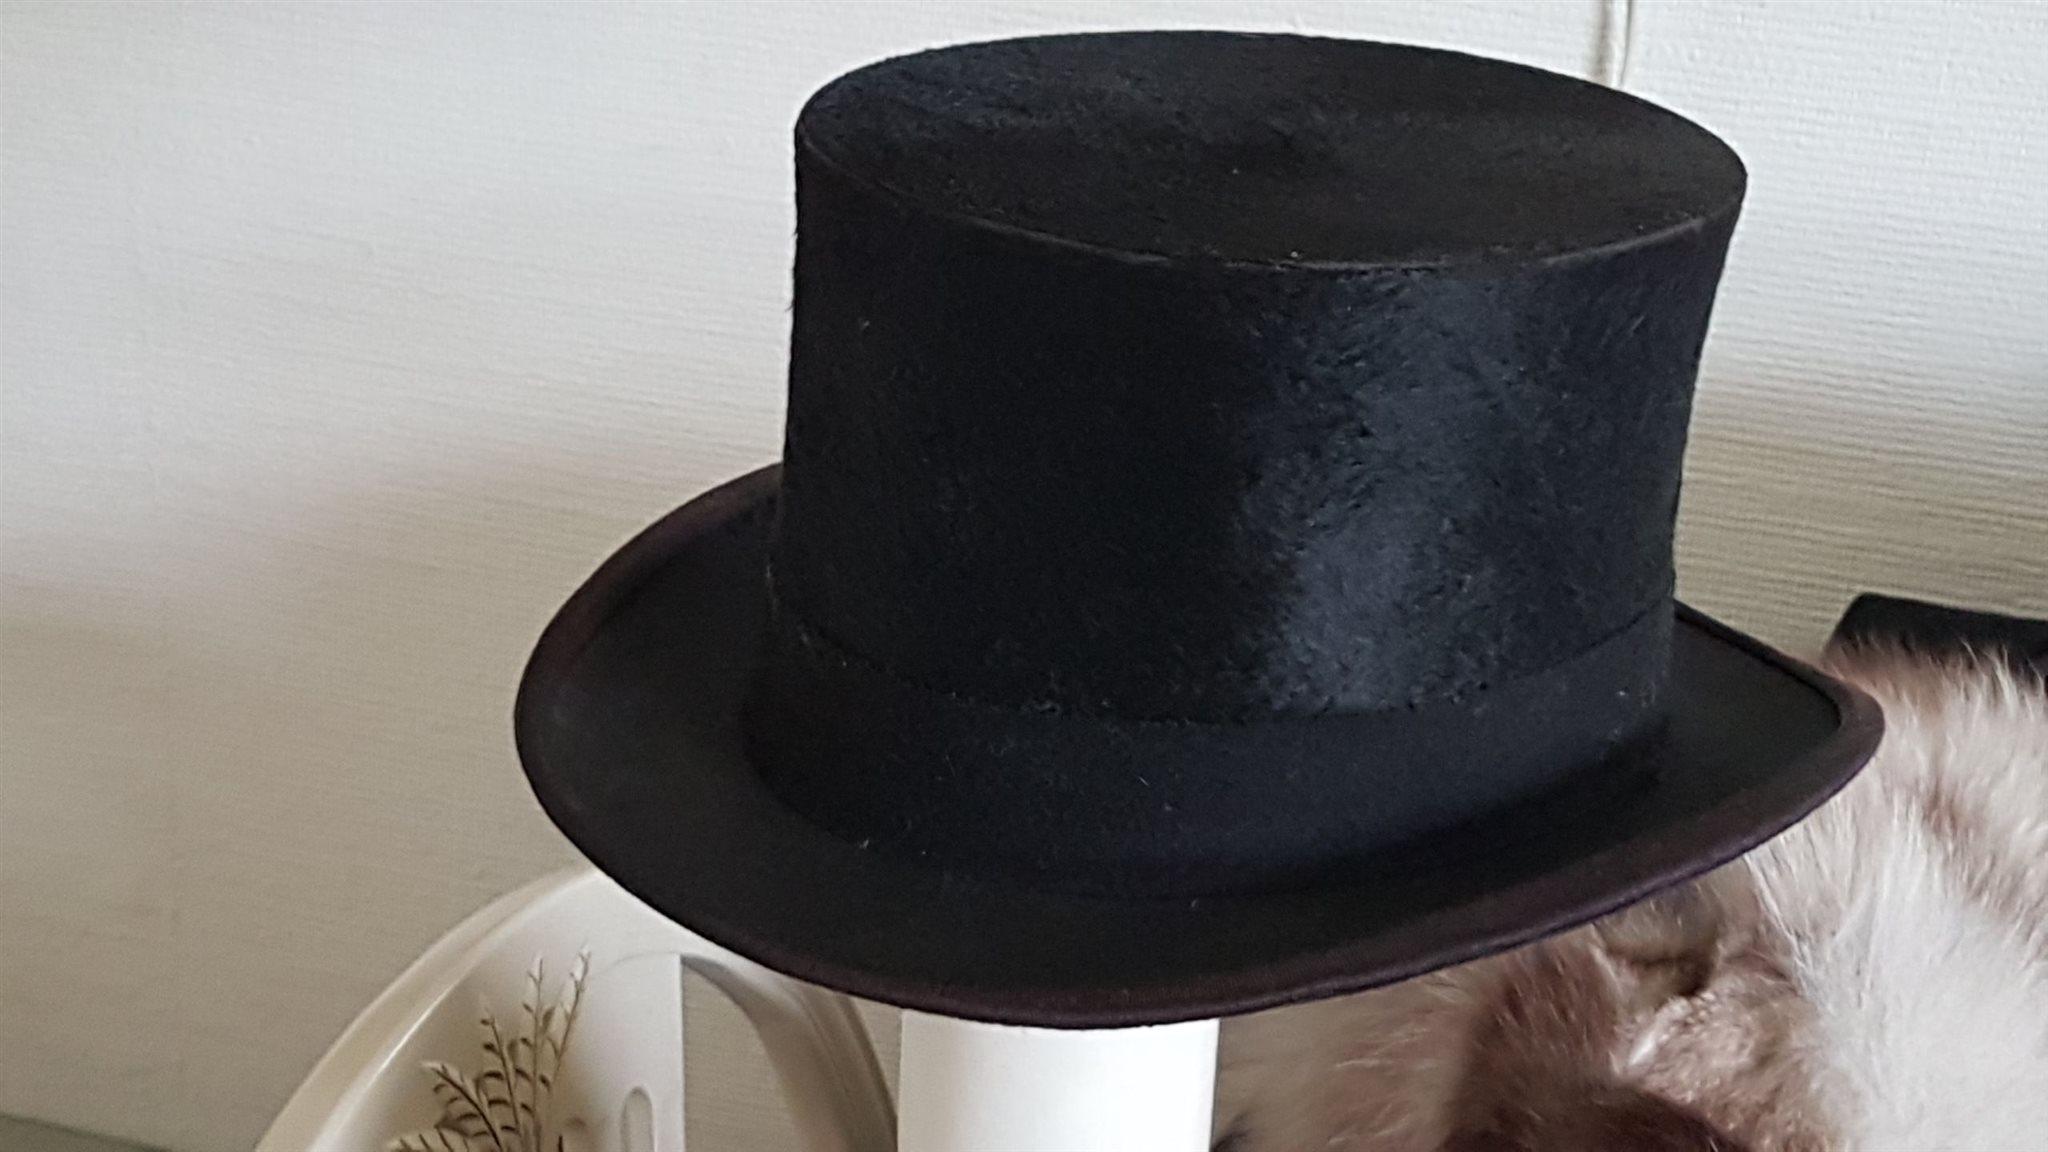 Elegant Hög Hatt NON PLUS ULTRA svart ull storm.. (331578107) ᐈ Köp ... f9b8550d47dbd